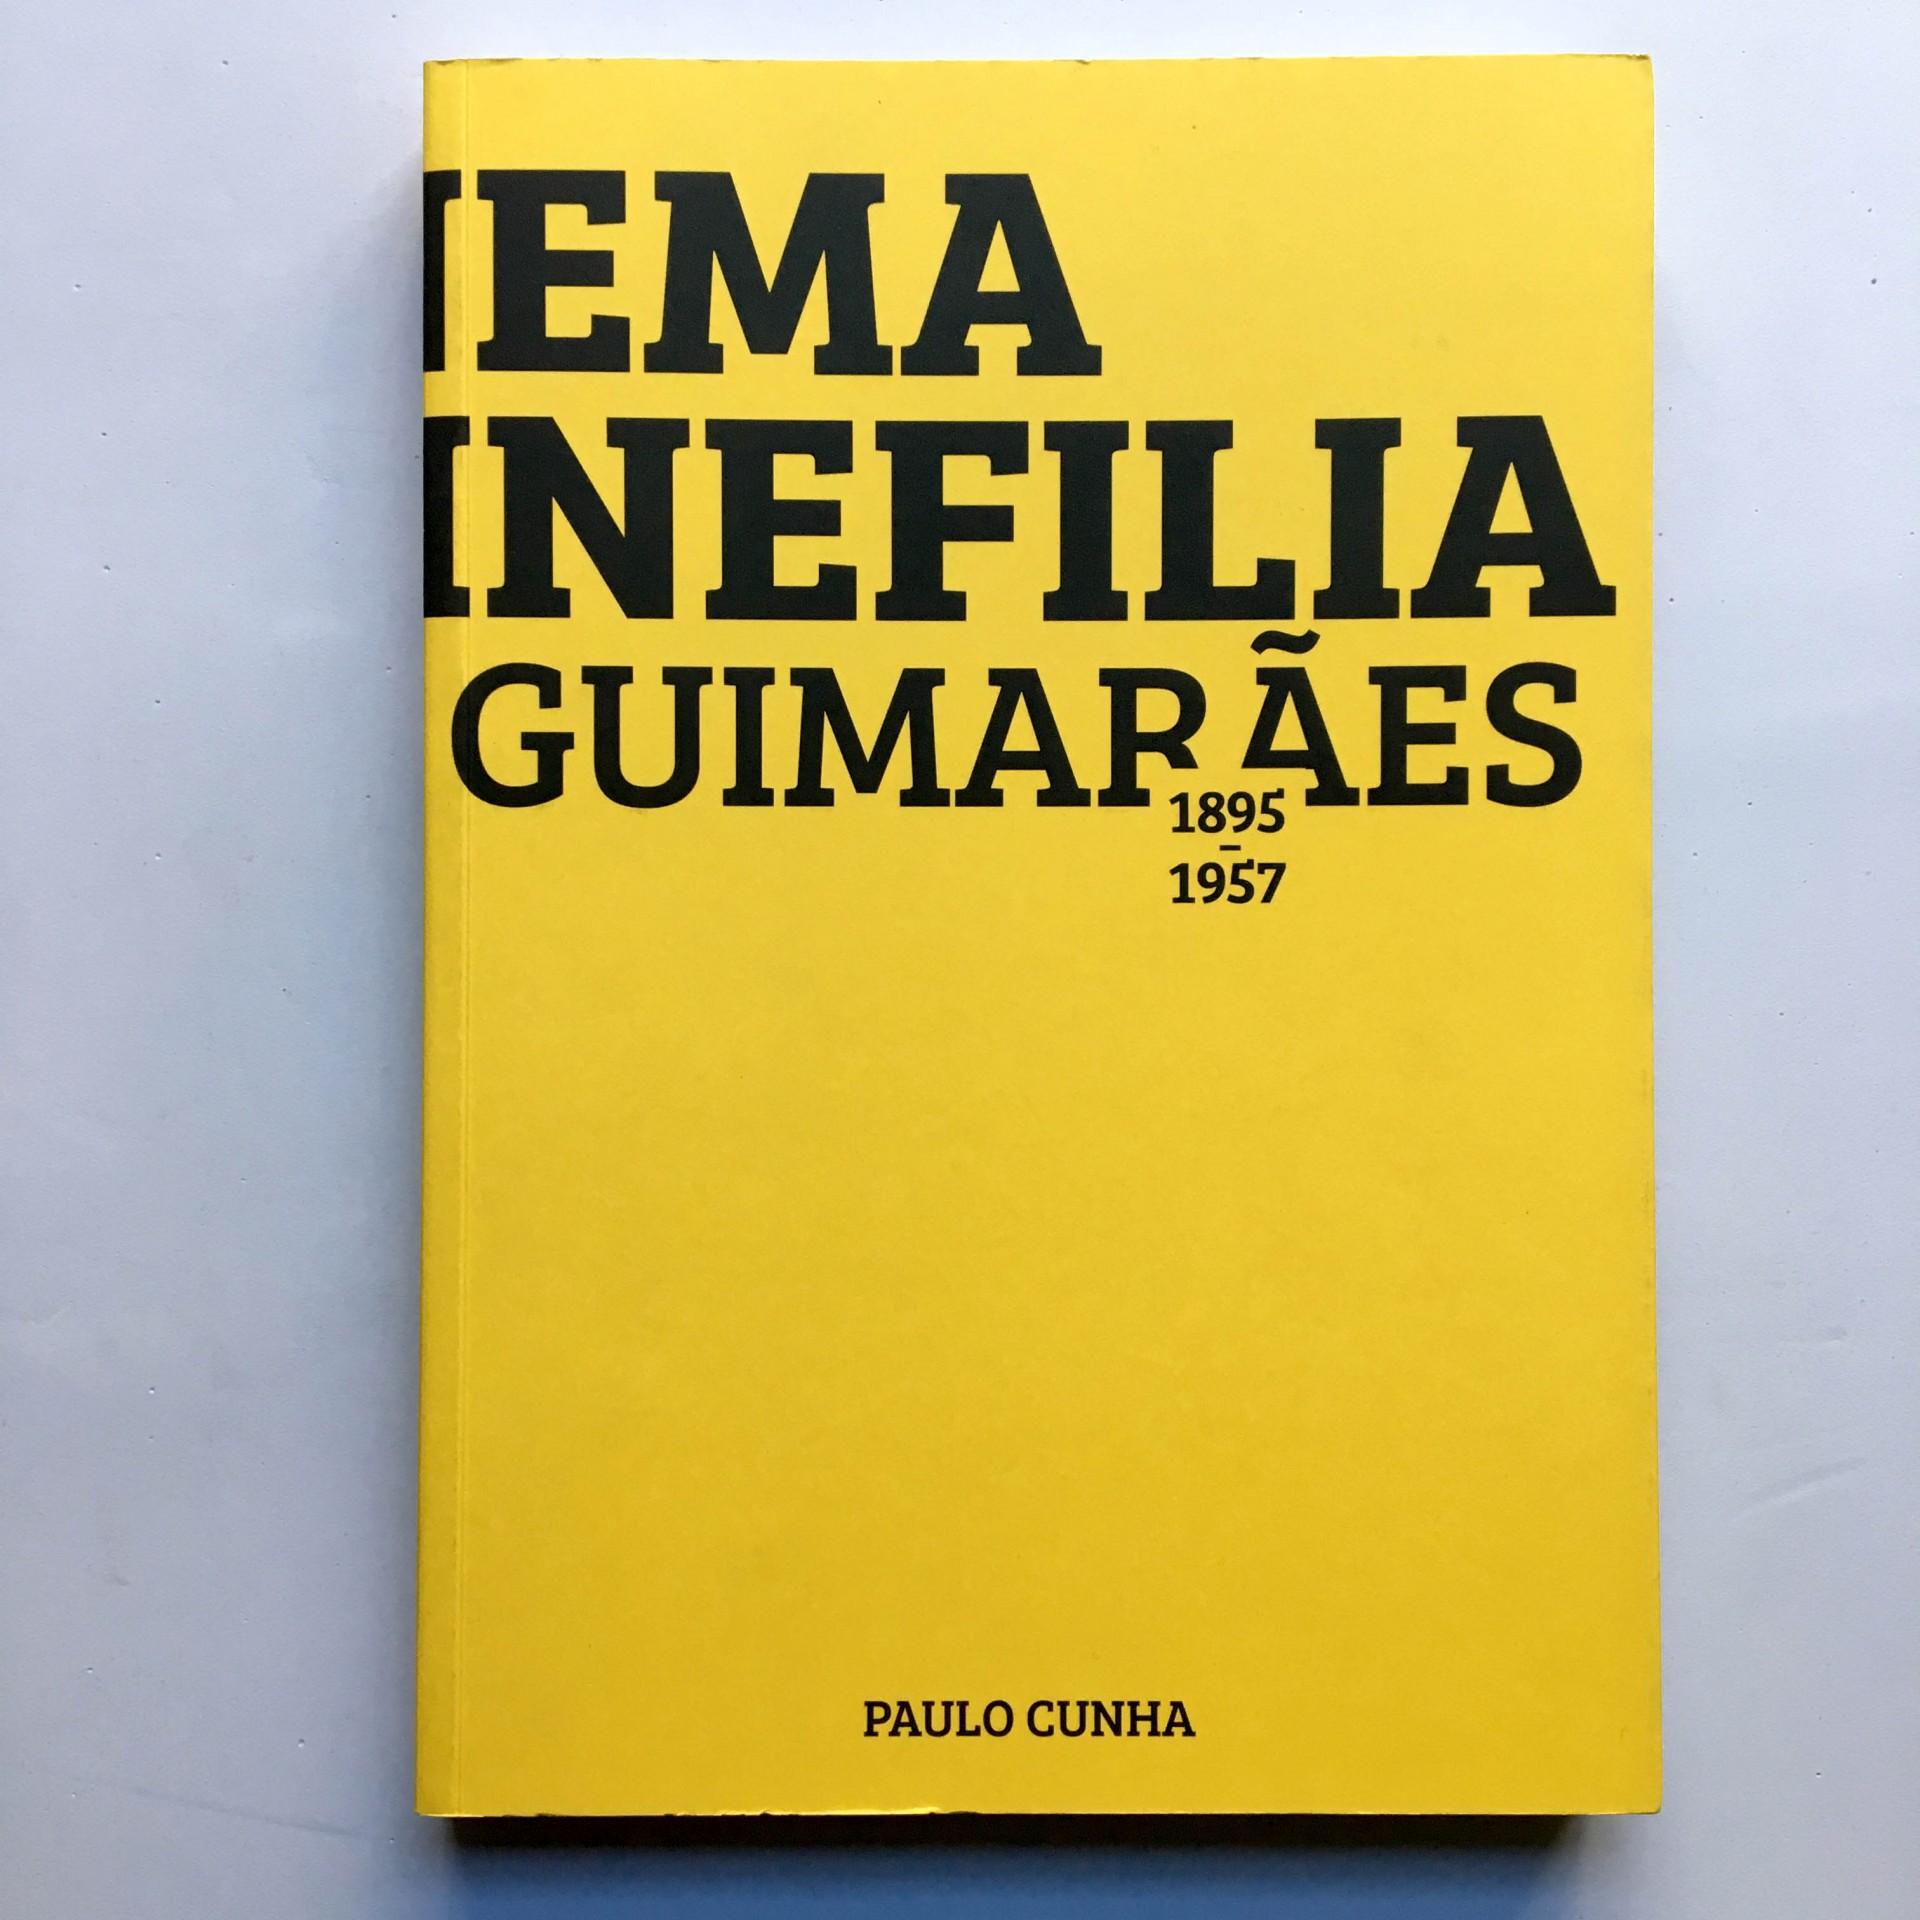 Cinema e Cinefilia em Guimarães 1895-1957